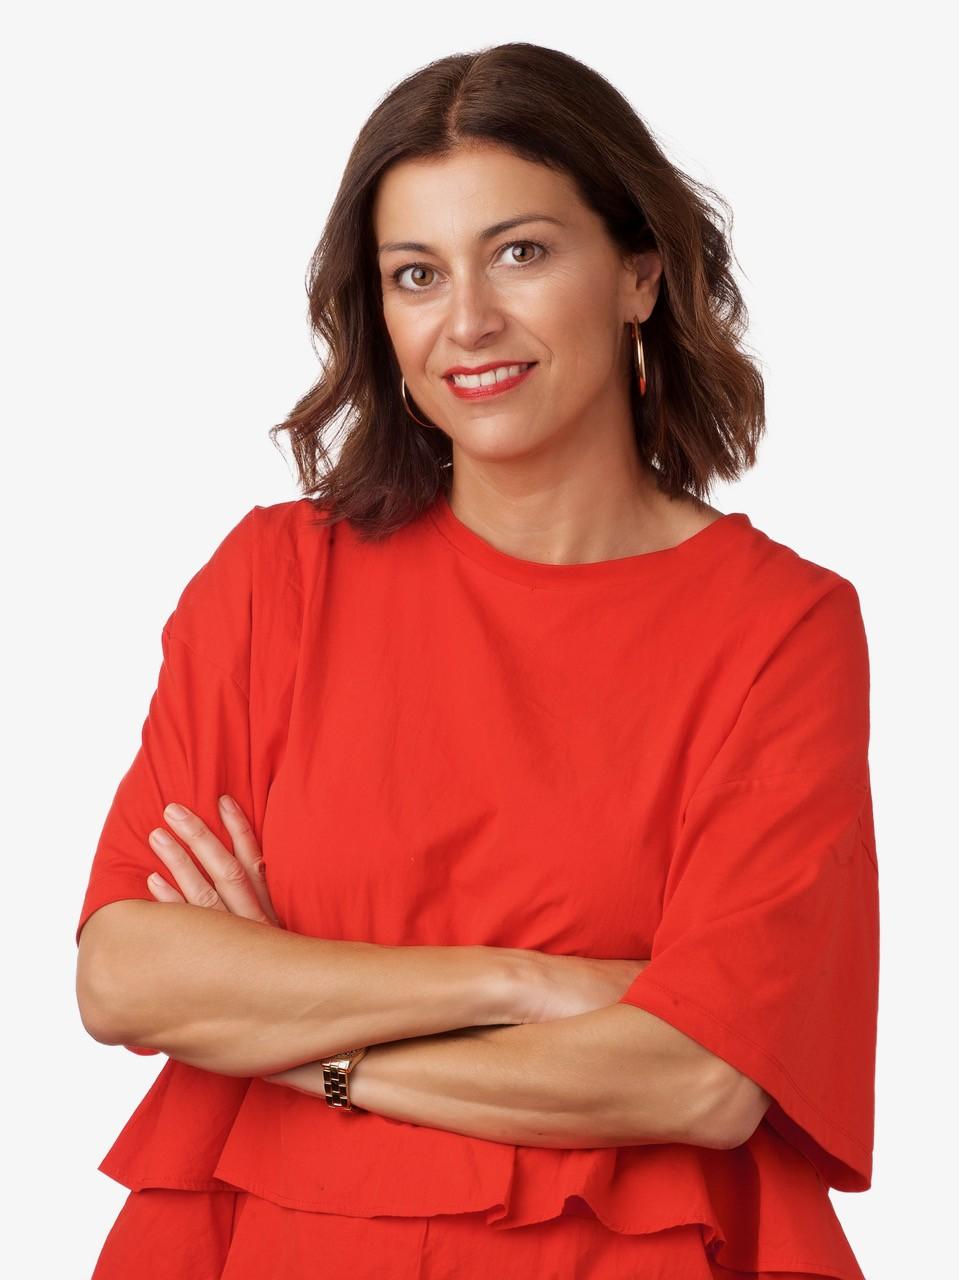 María Cardenas Regueiro